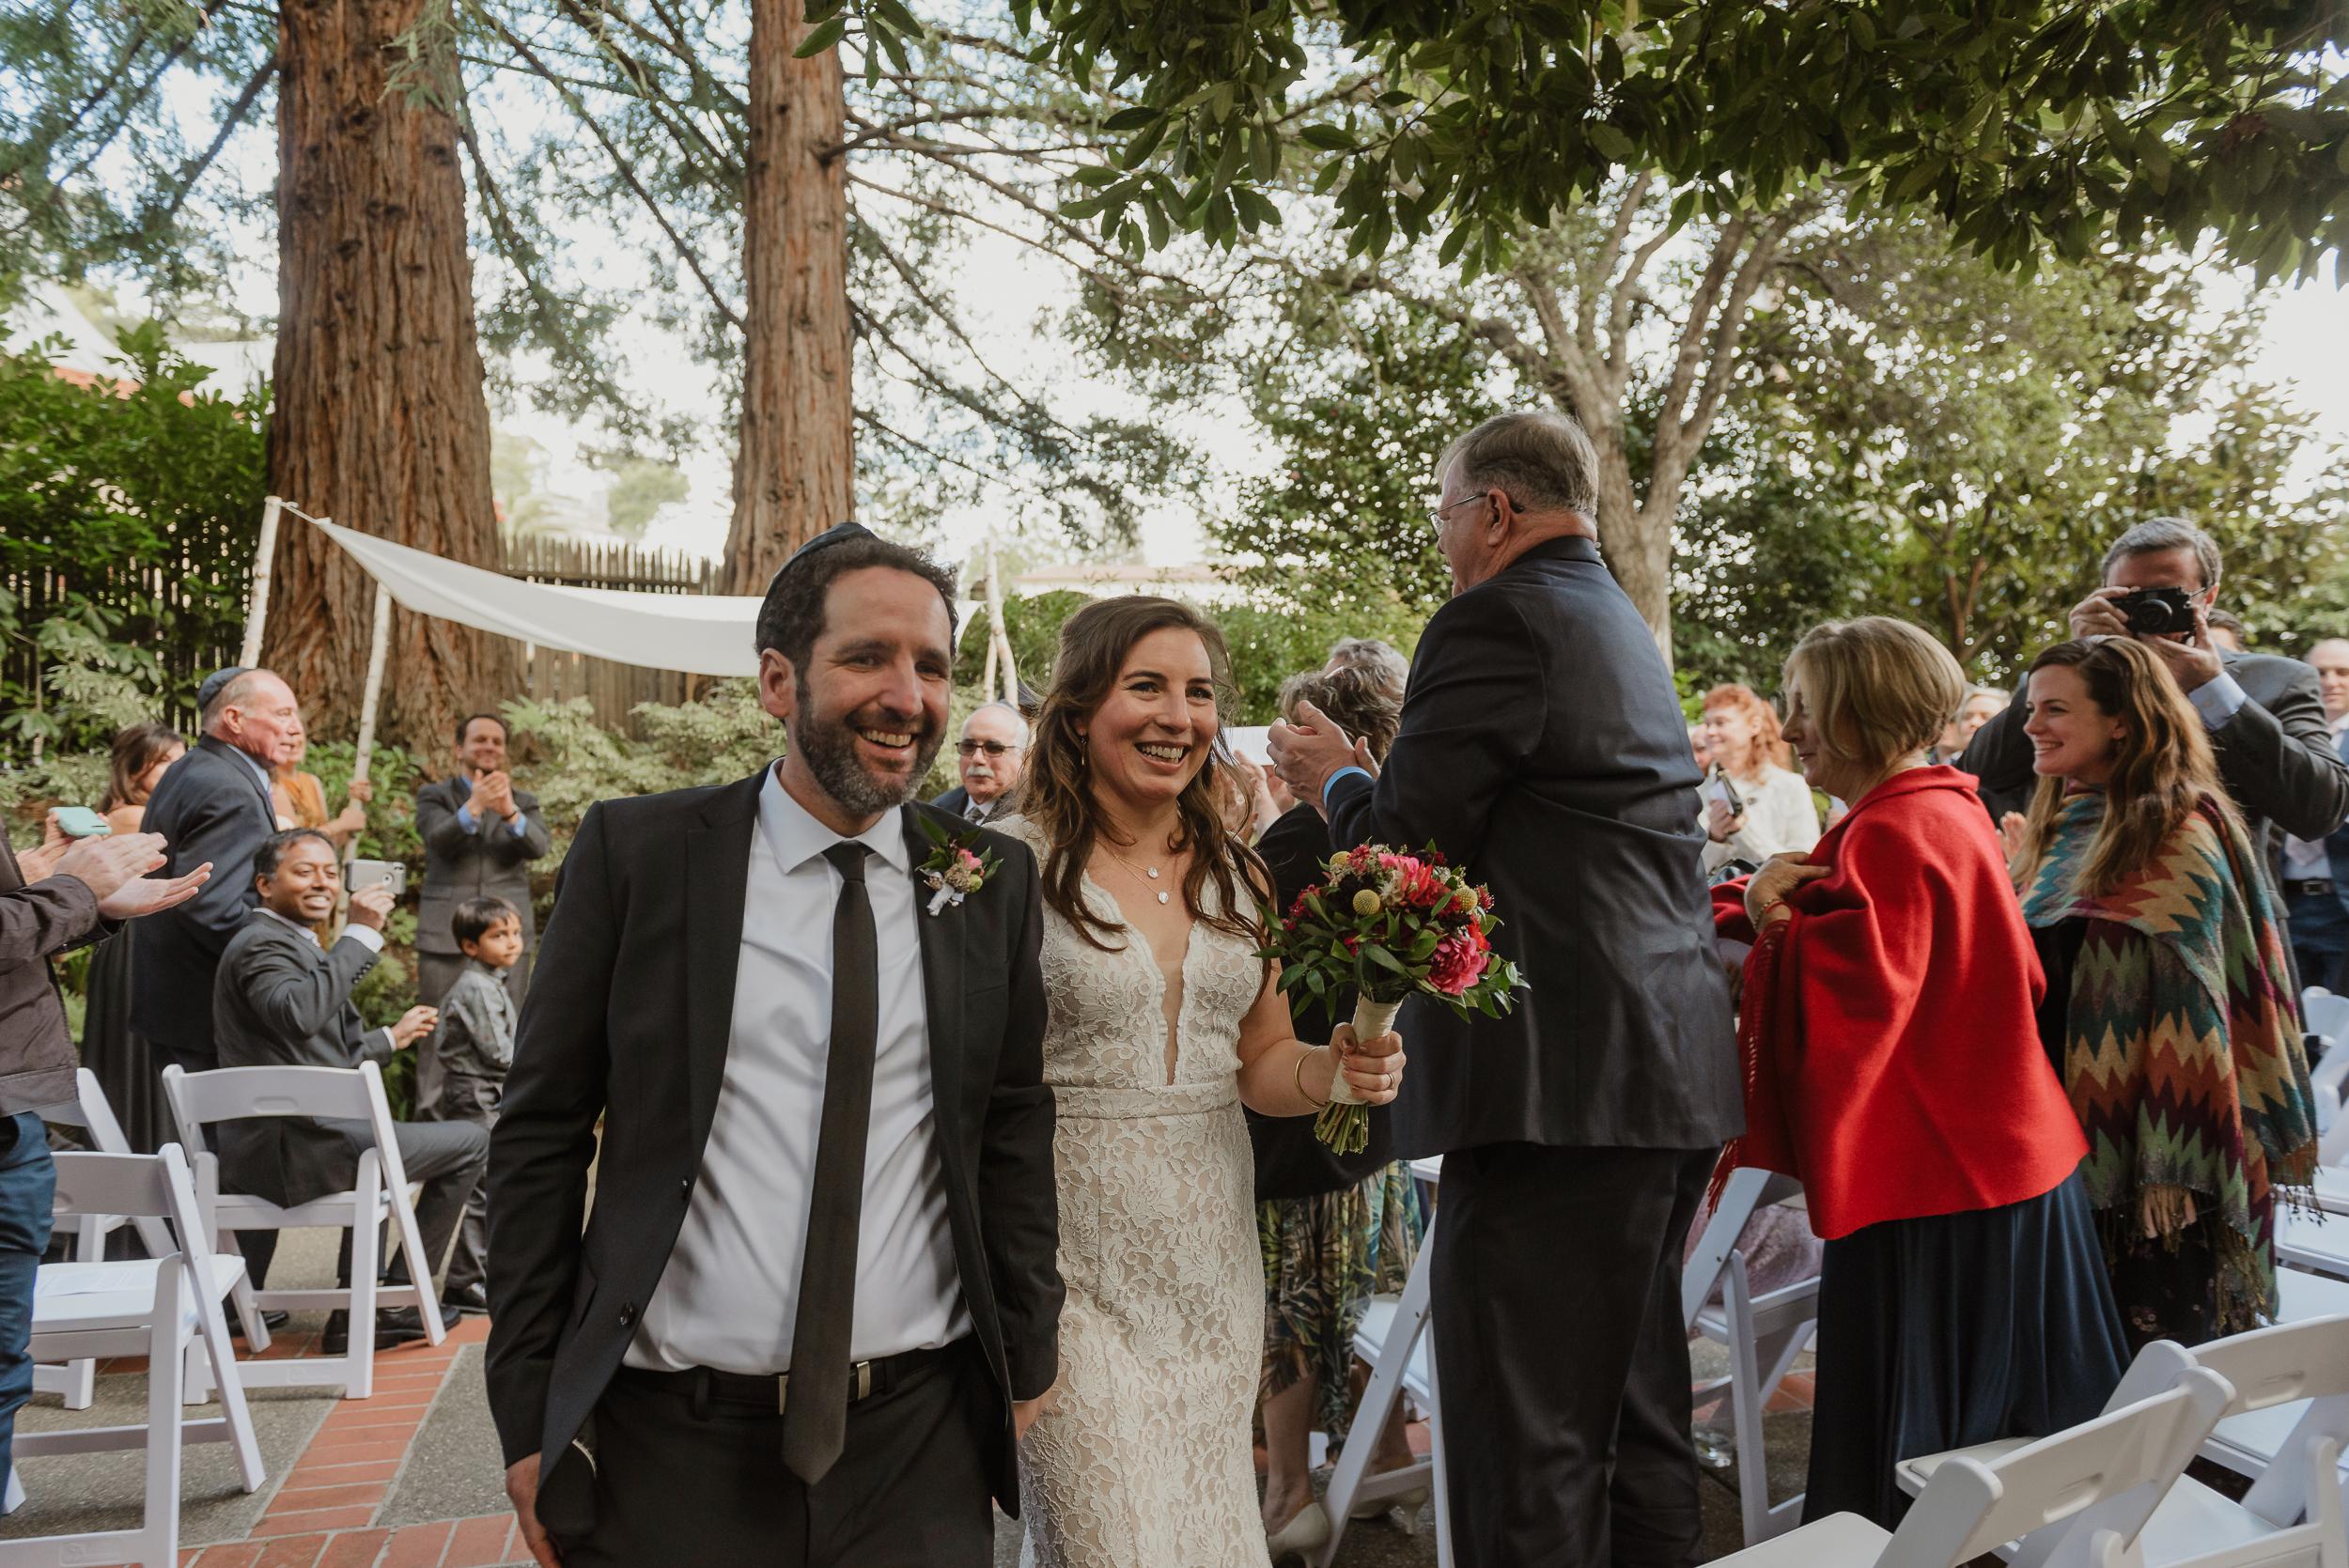 047winter-mill-valley-wedding-outdoor-art-club-wedding-vivianchen-227.jpg